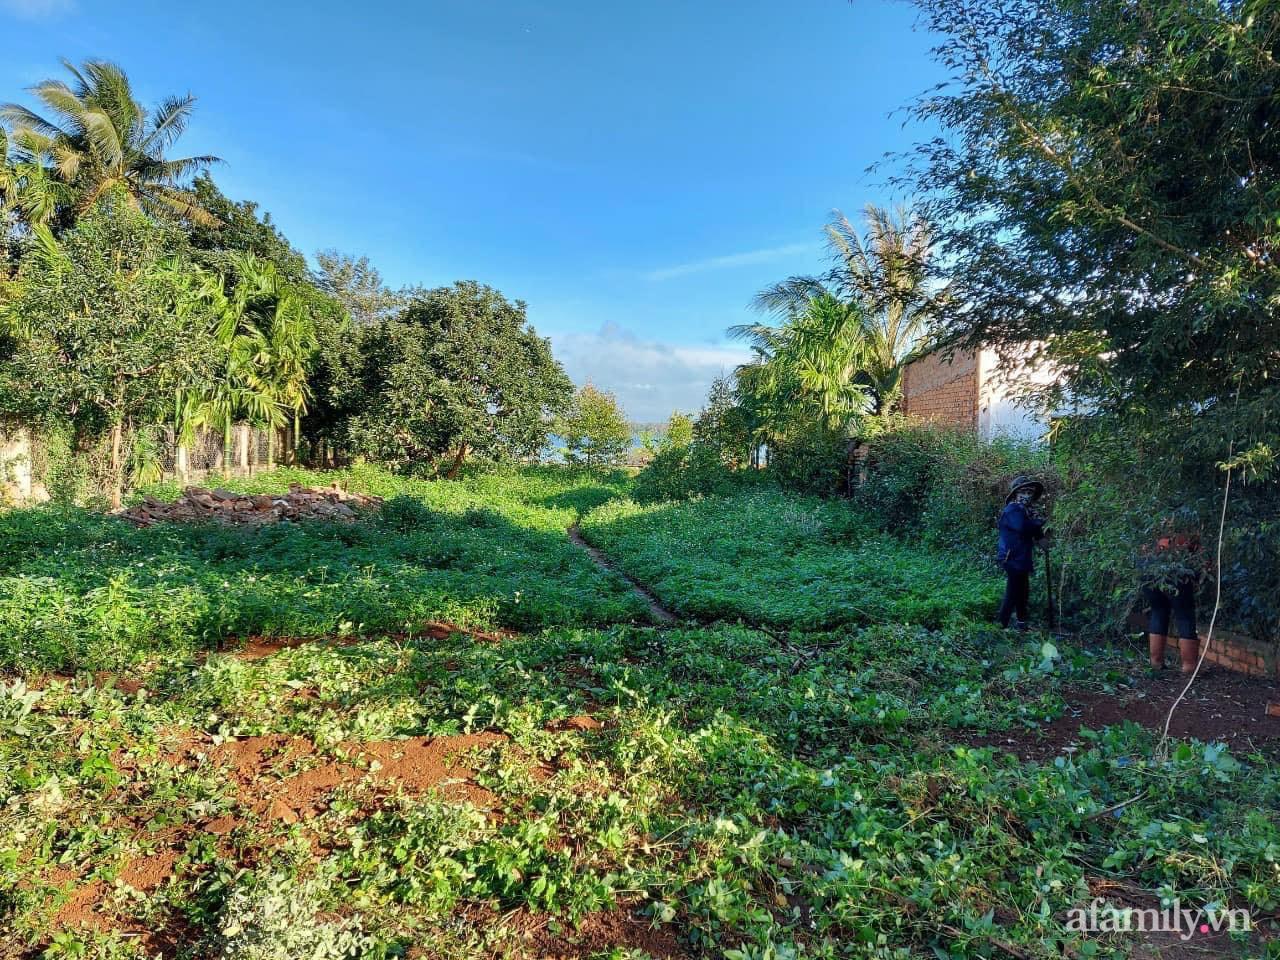 """Vì muốn sống gần thiên nhiên, 5 cô gái đã """"hùn vốn"""" biến mảnh đất trống thành khu vườn xanh mát ở Buôn Mê Thuột - Ảnh 1."""